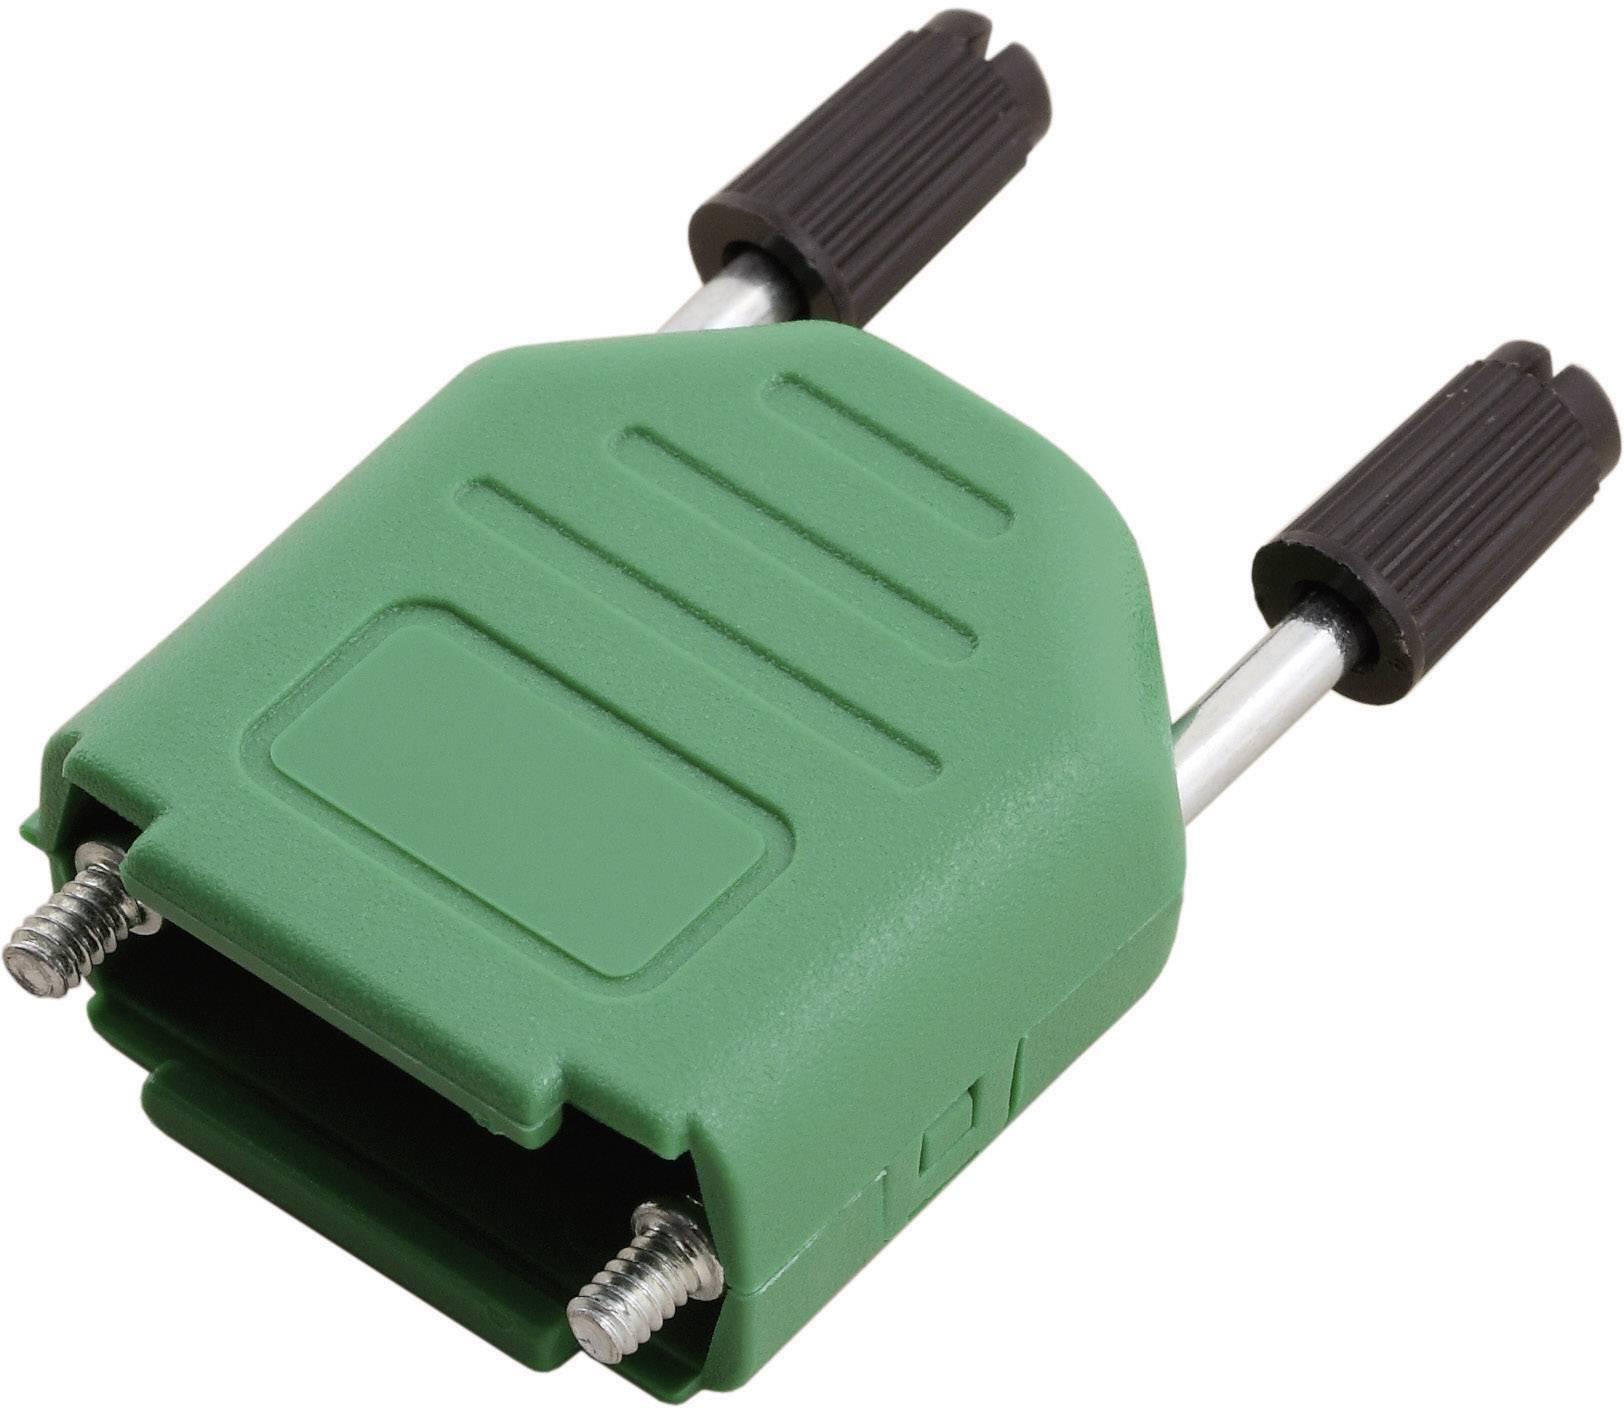 D-SUB pouzdro MH Connectors MHDPPK15-G-K, Pólů: 15, plast, 180 °, zelená, 1 ks